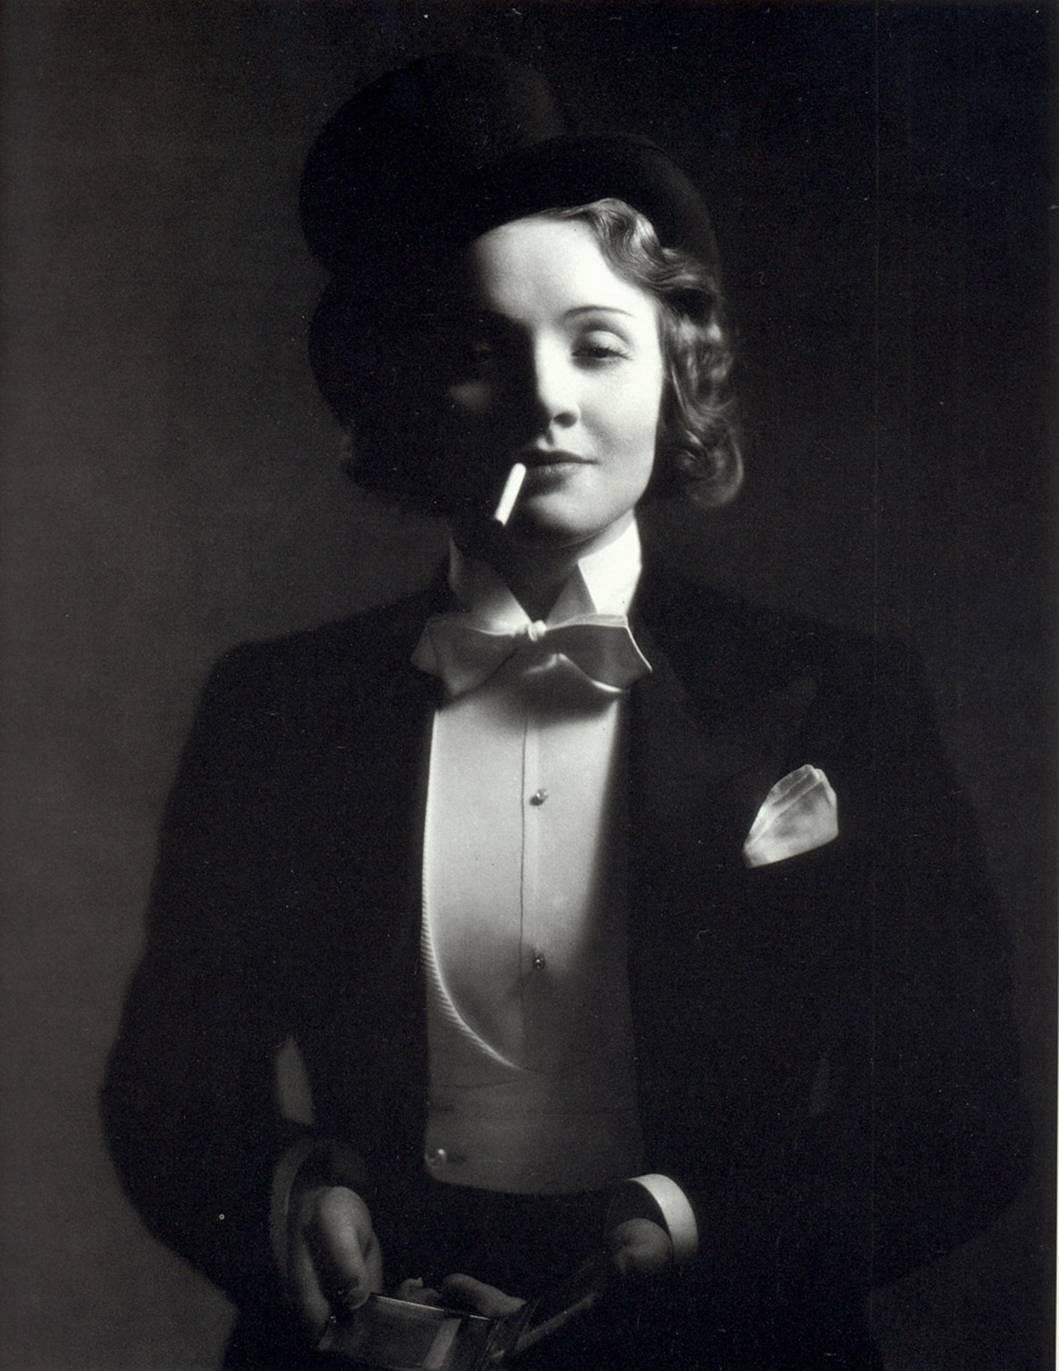 Marlene Dietrich Annex2: CAMARA DIA HOLLOWAY